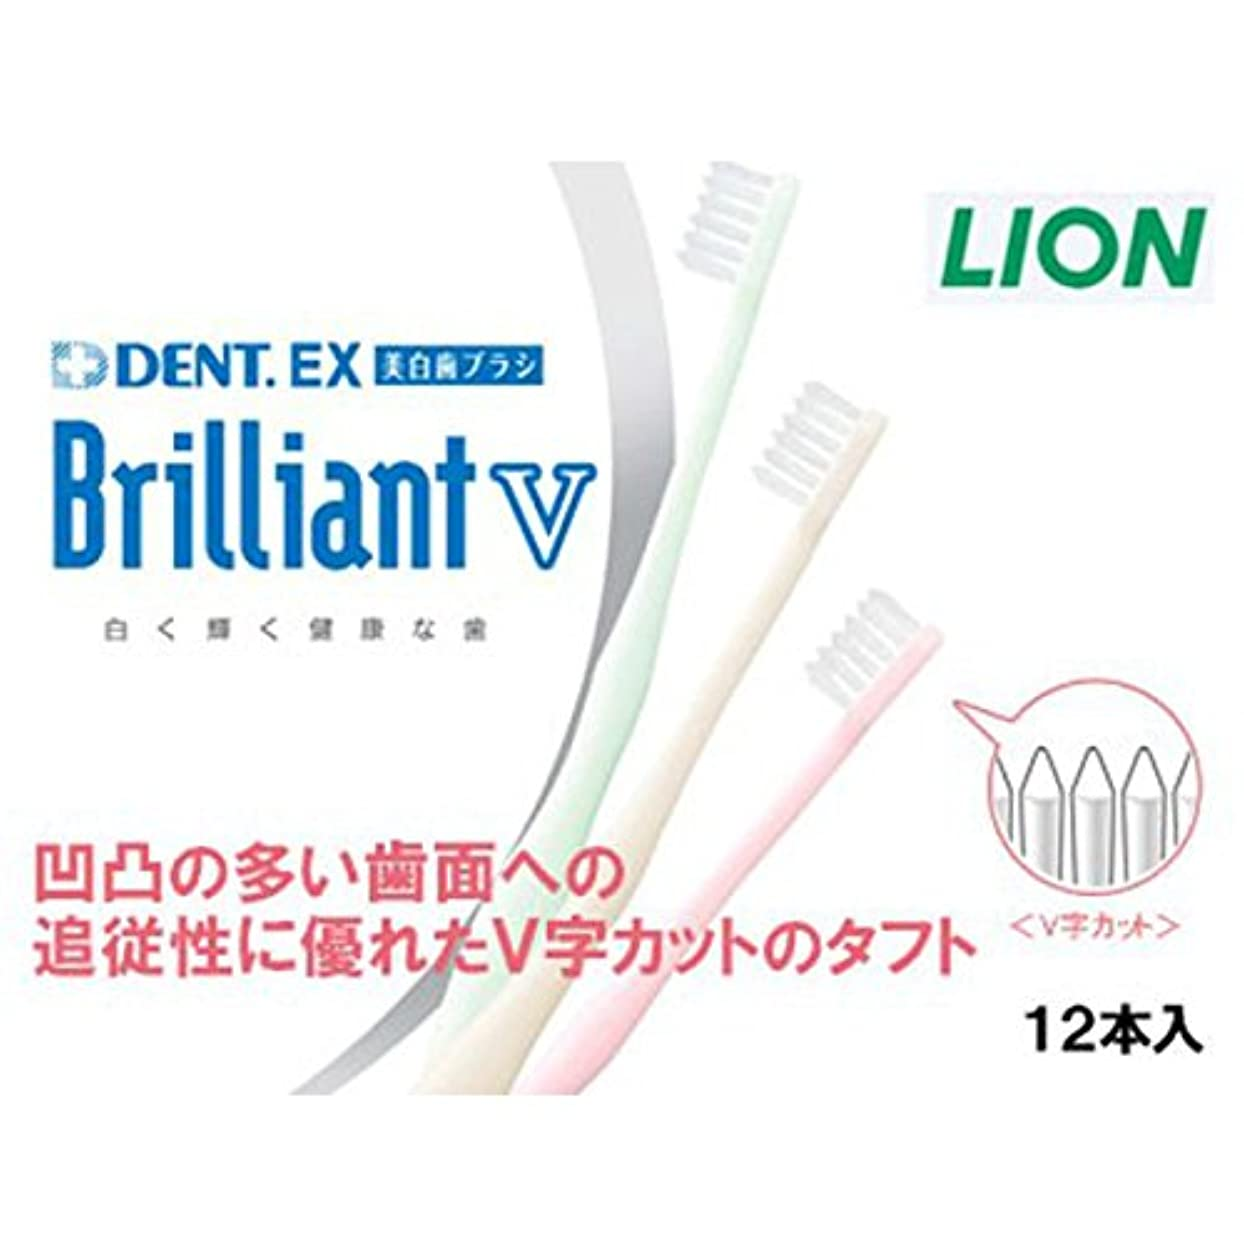 前提条件ヒギンズエチケットライオン ブリリアントV 歯ブラシ DENT.EX BrilliantV 12本